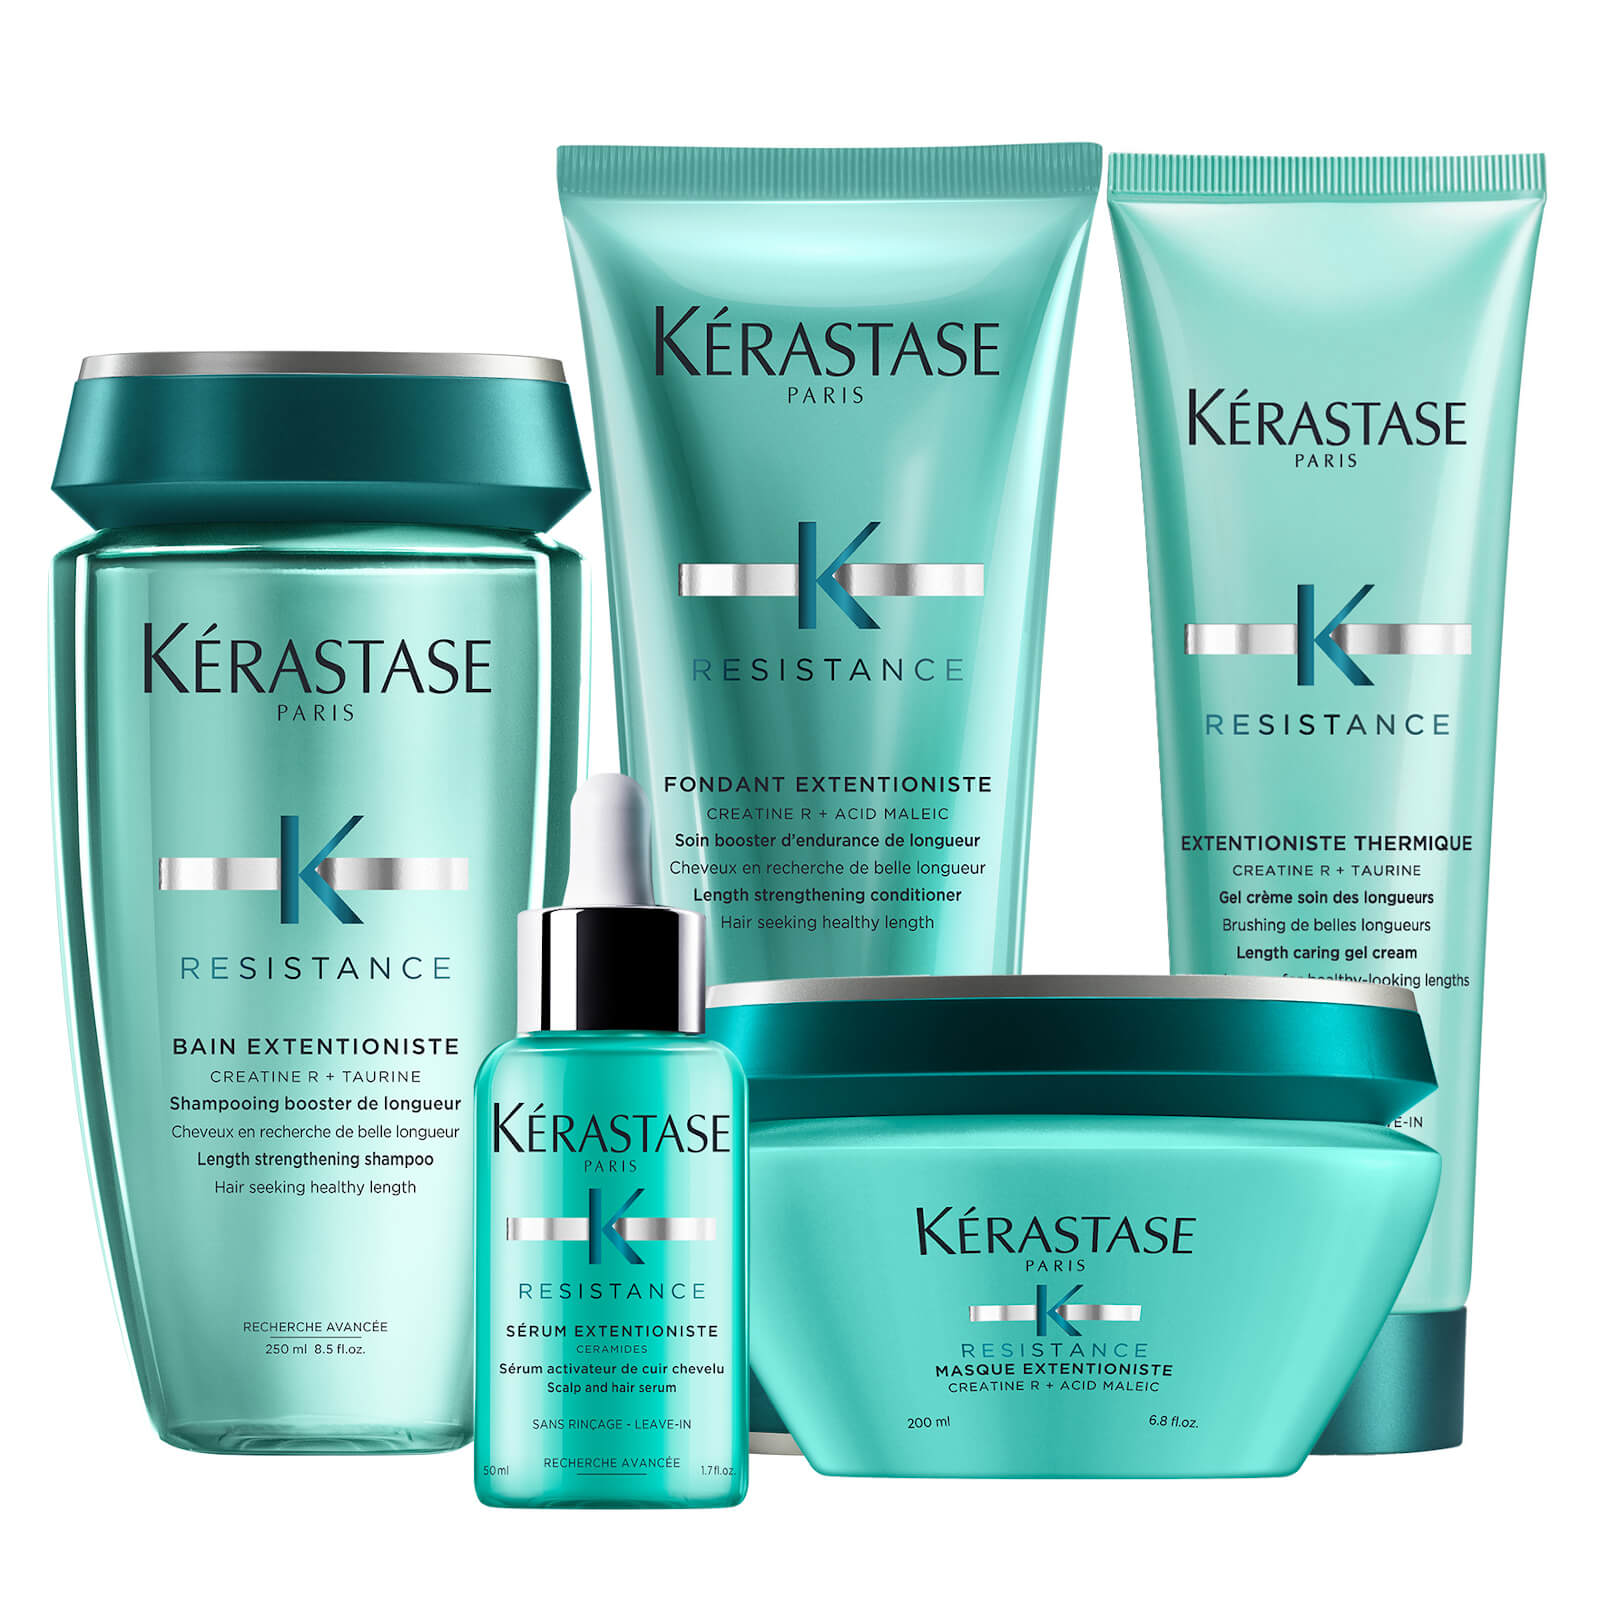 Kérastase Extentioniste Regime for Healthy-Looking Lengths